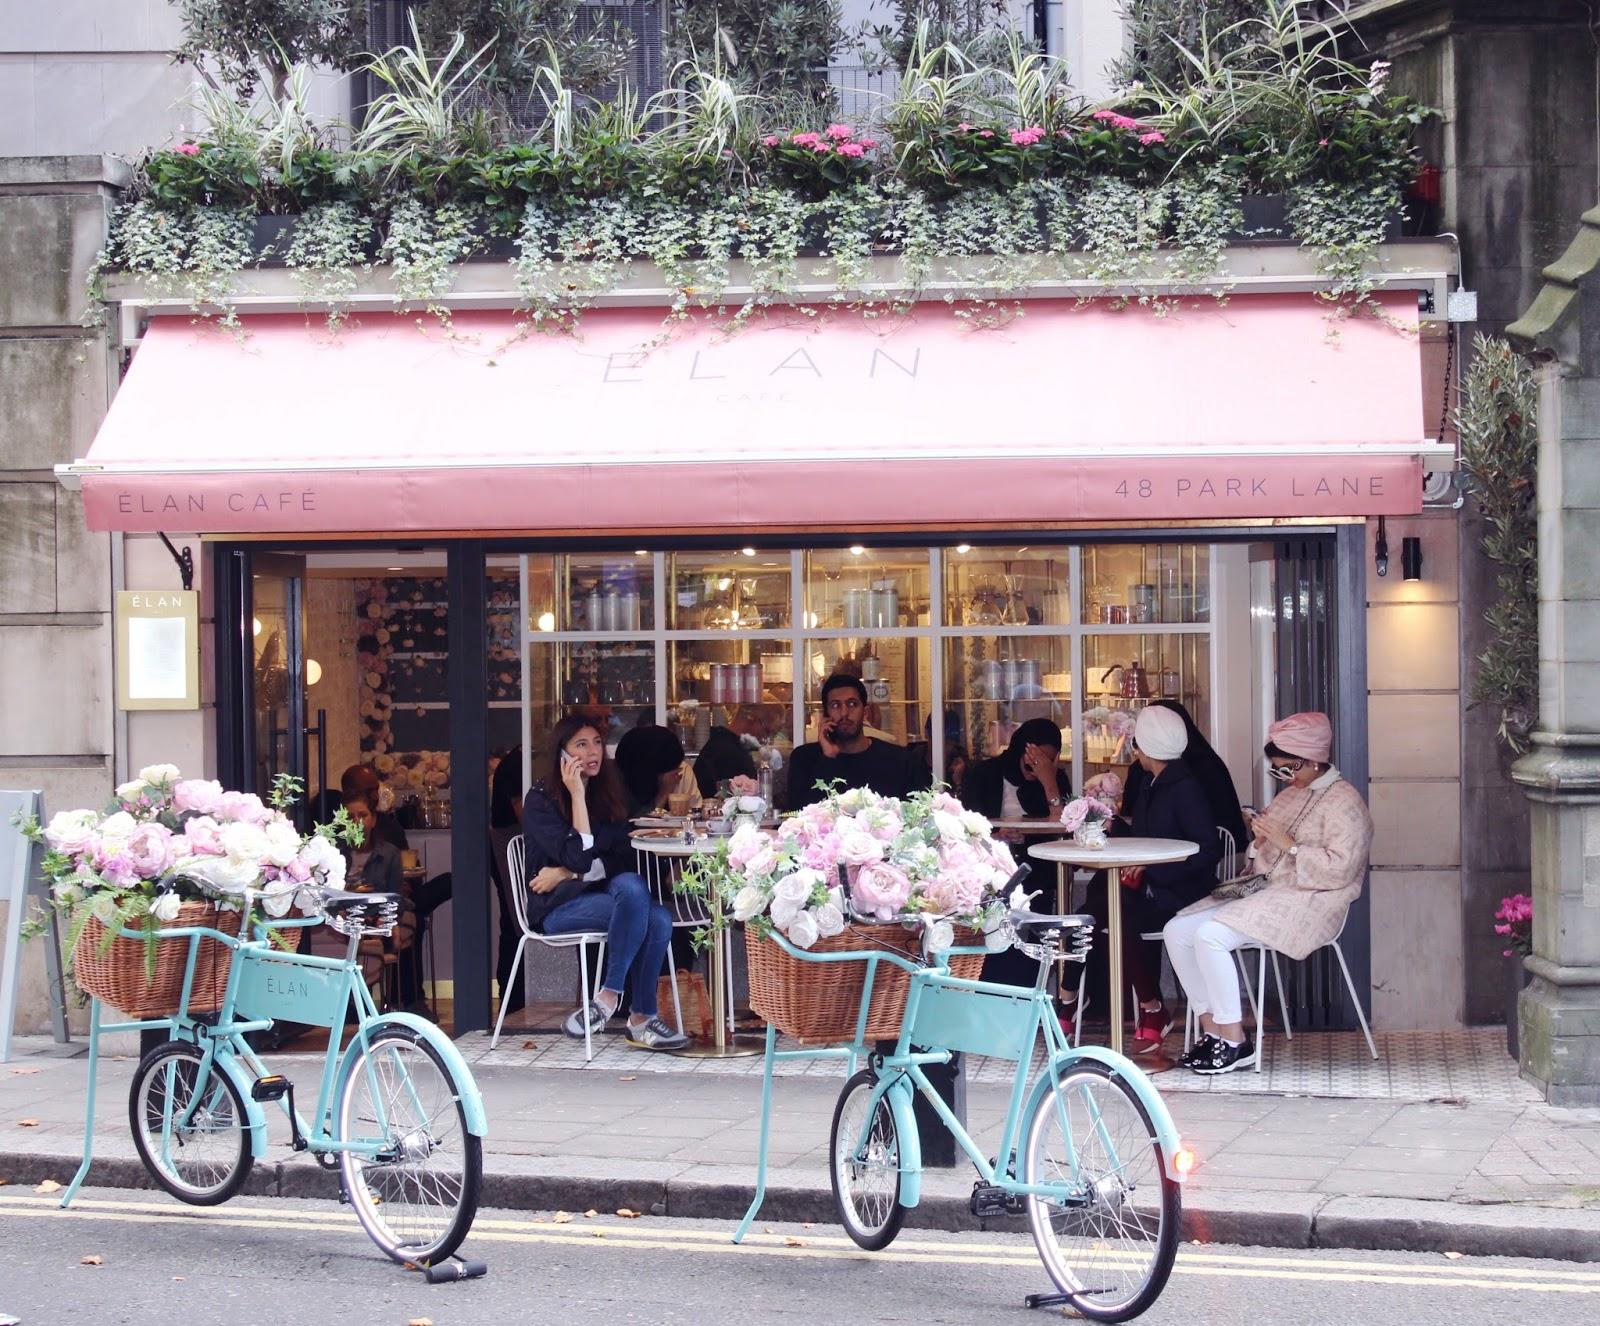 Elan Cafe, Park Lane, London